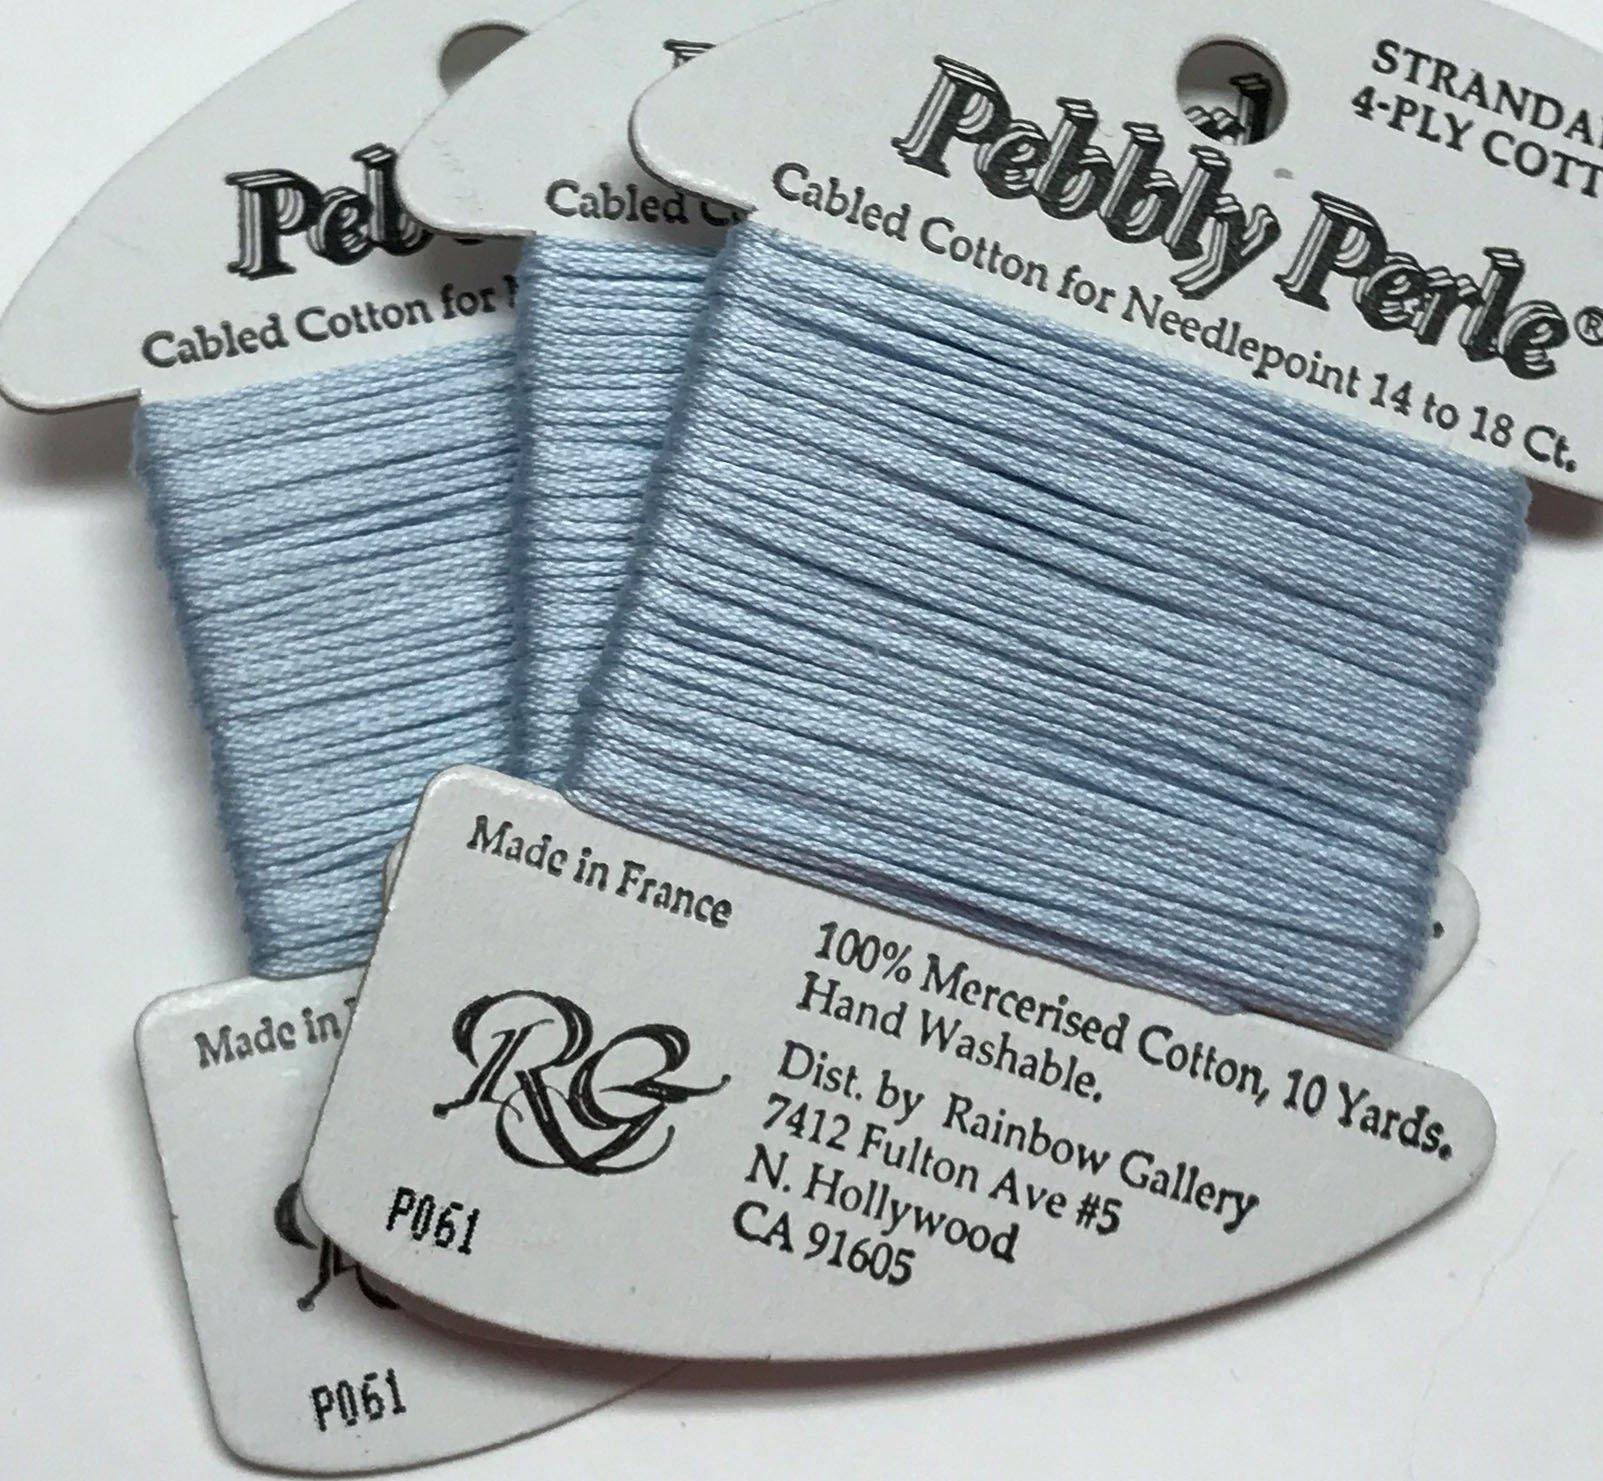 P061-PALE SKY BLUE